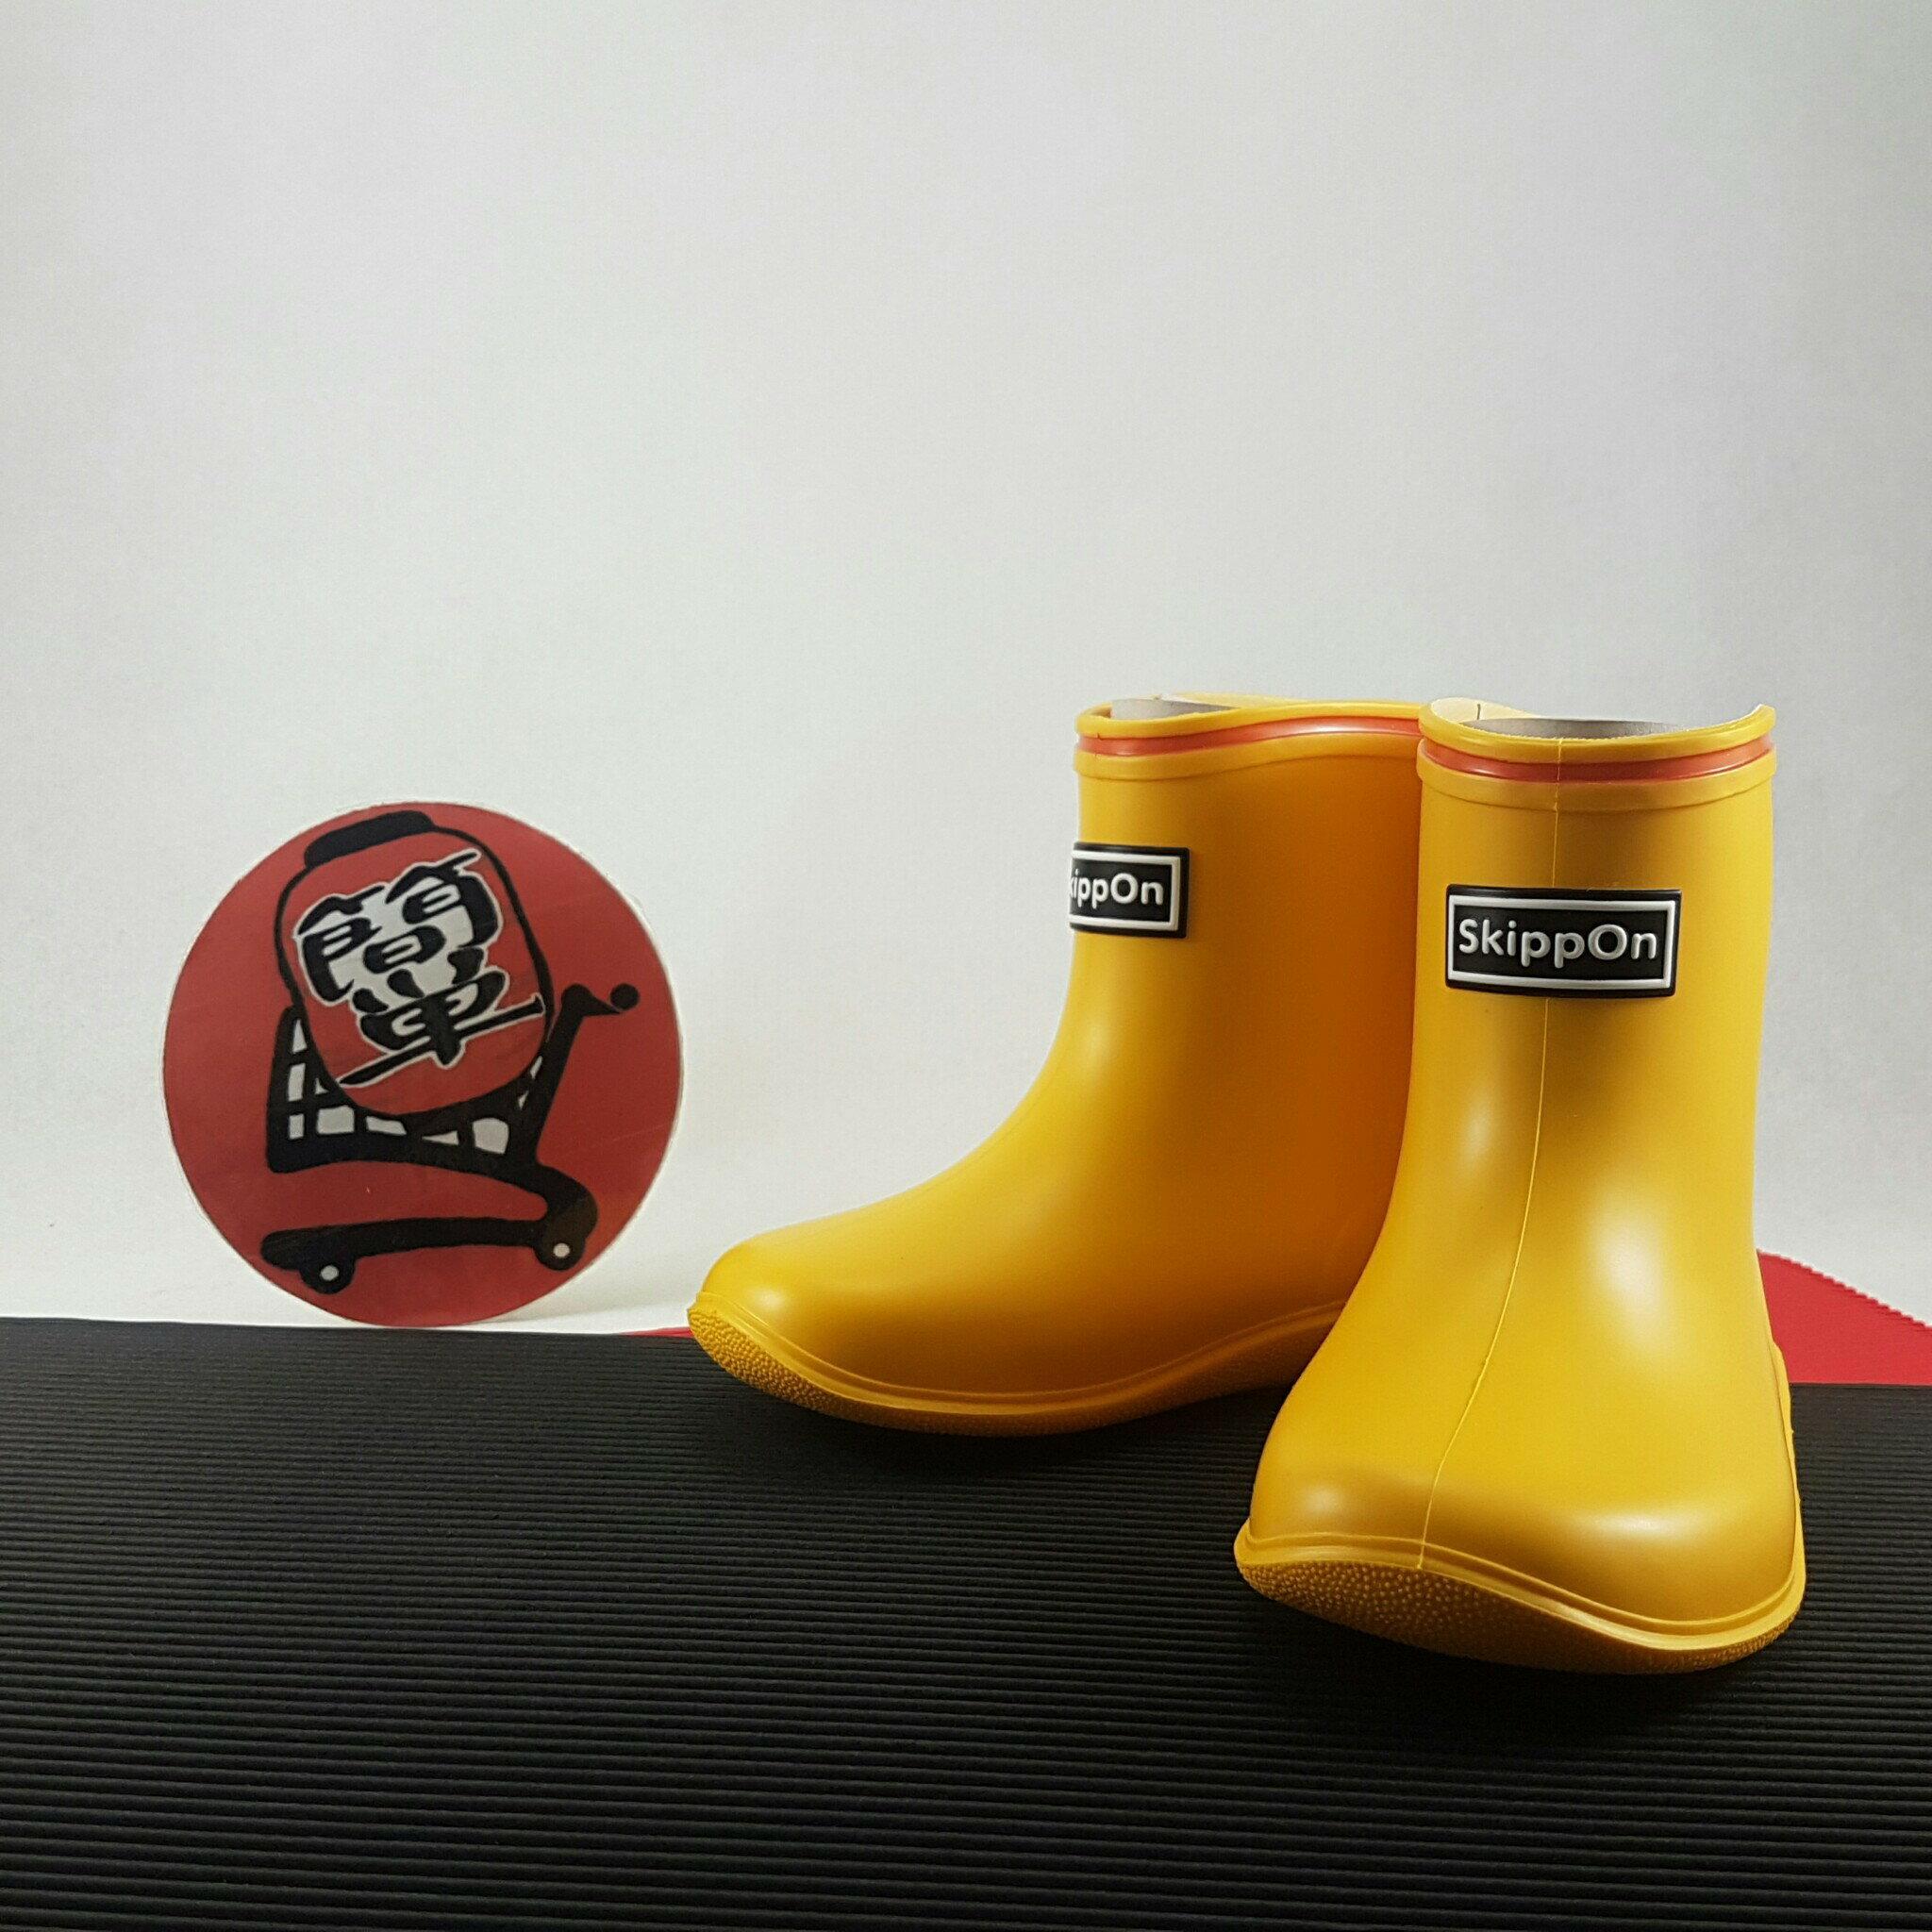 『簡単全球購』黃色款  SKIPPON 亮彩糖果色兒童雨鞋 雨靴 13-17碼 日本製